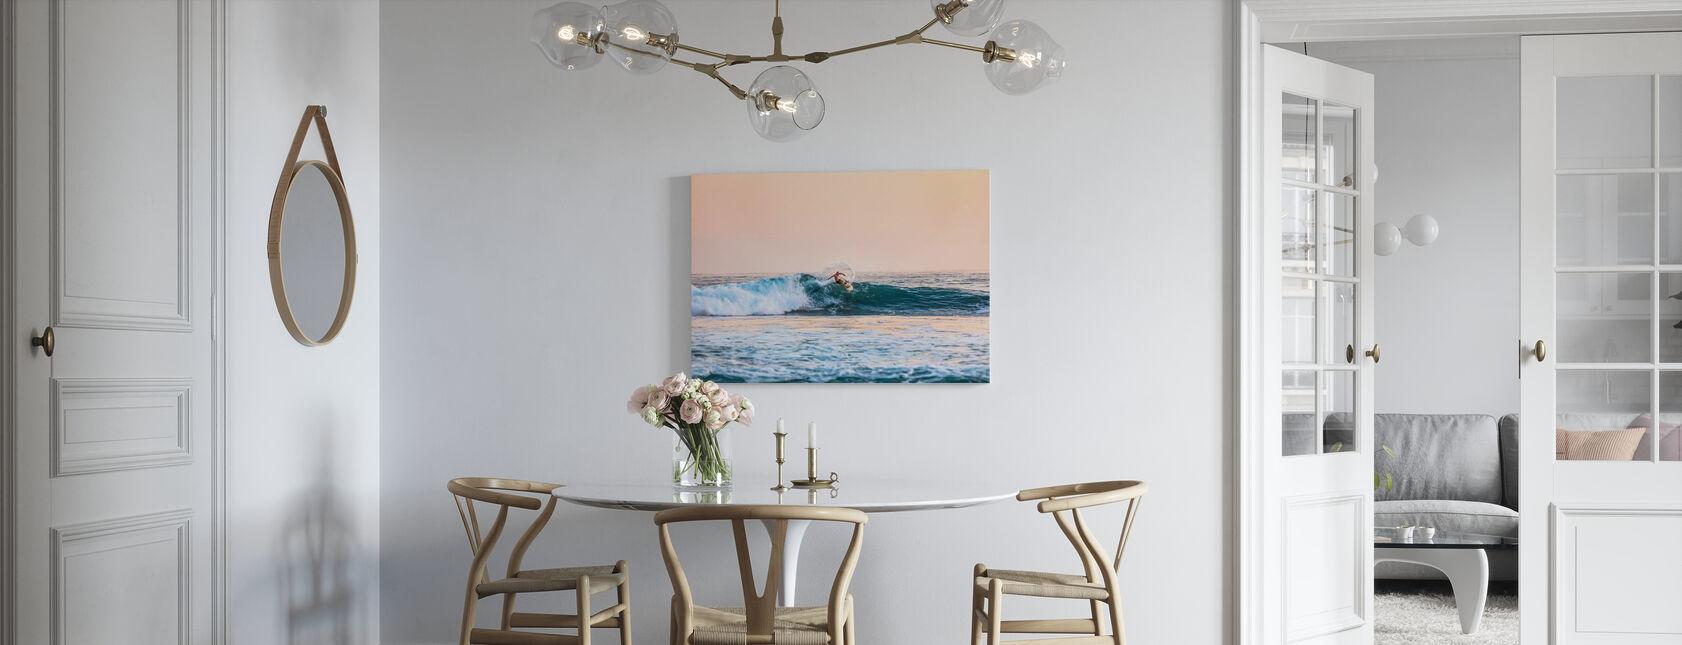 Surfen - Canvas print - Keuken